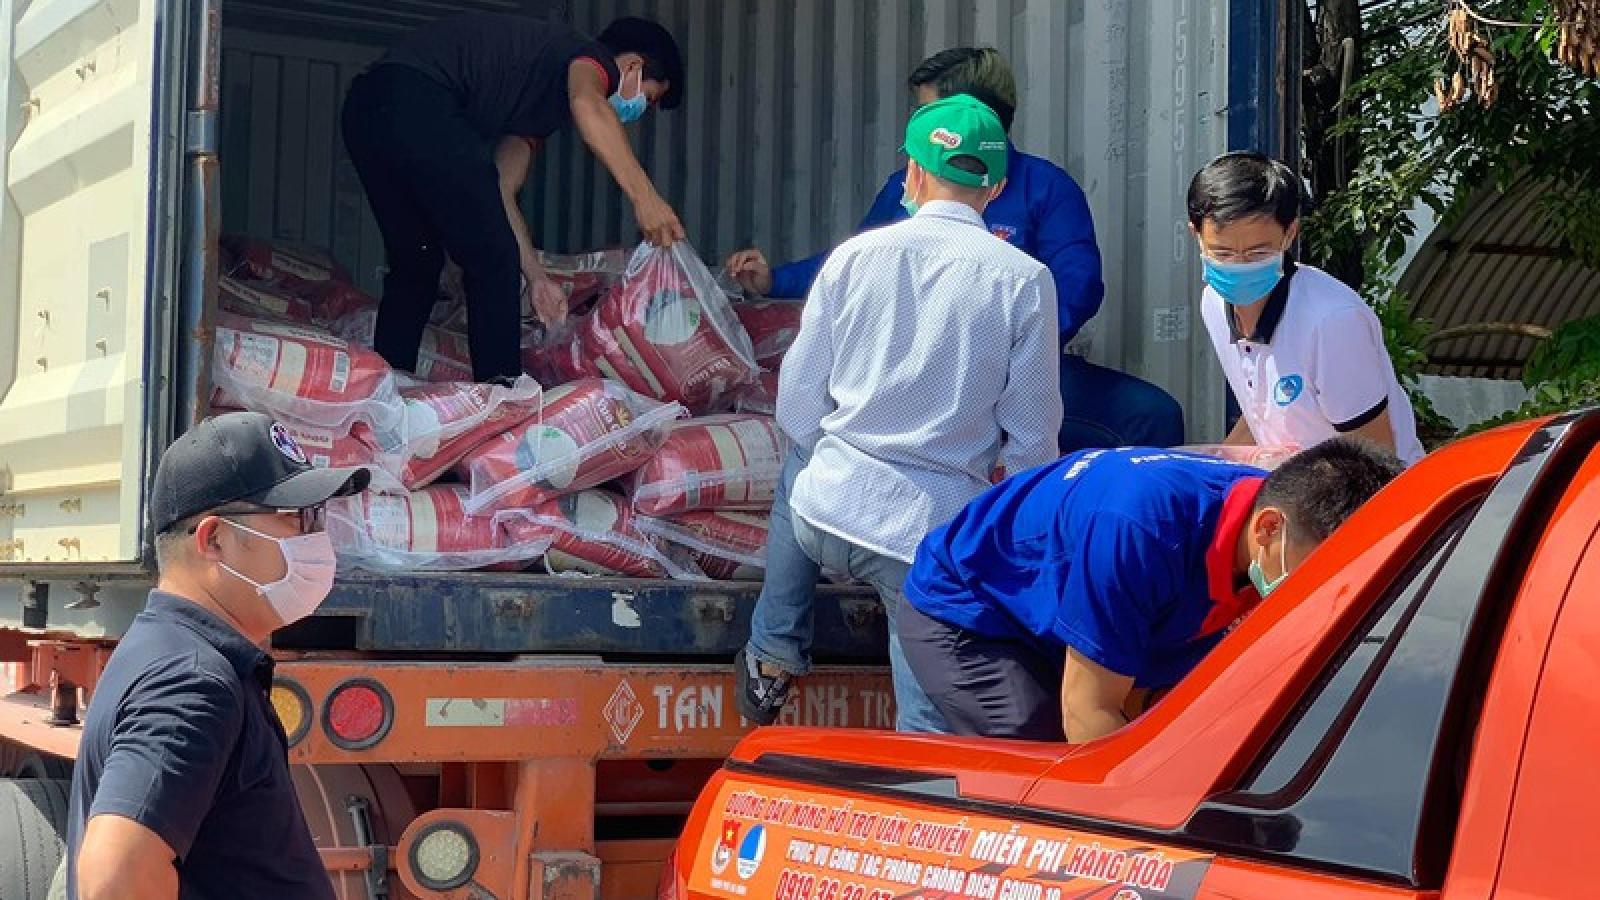 Đà Nẵng hỗ trợ gạo, nhu yếu phẩm cho người dân gặp khó khăn do Covid-19